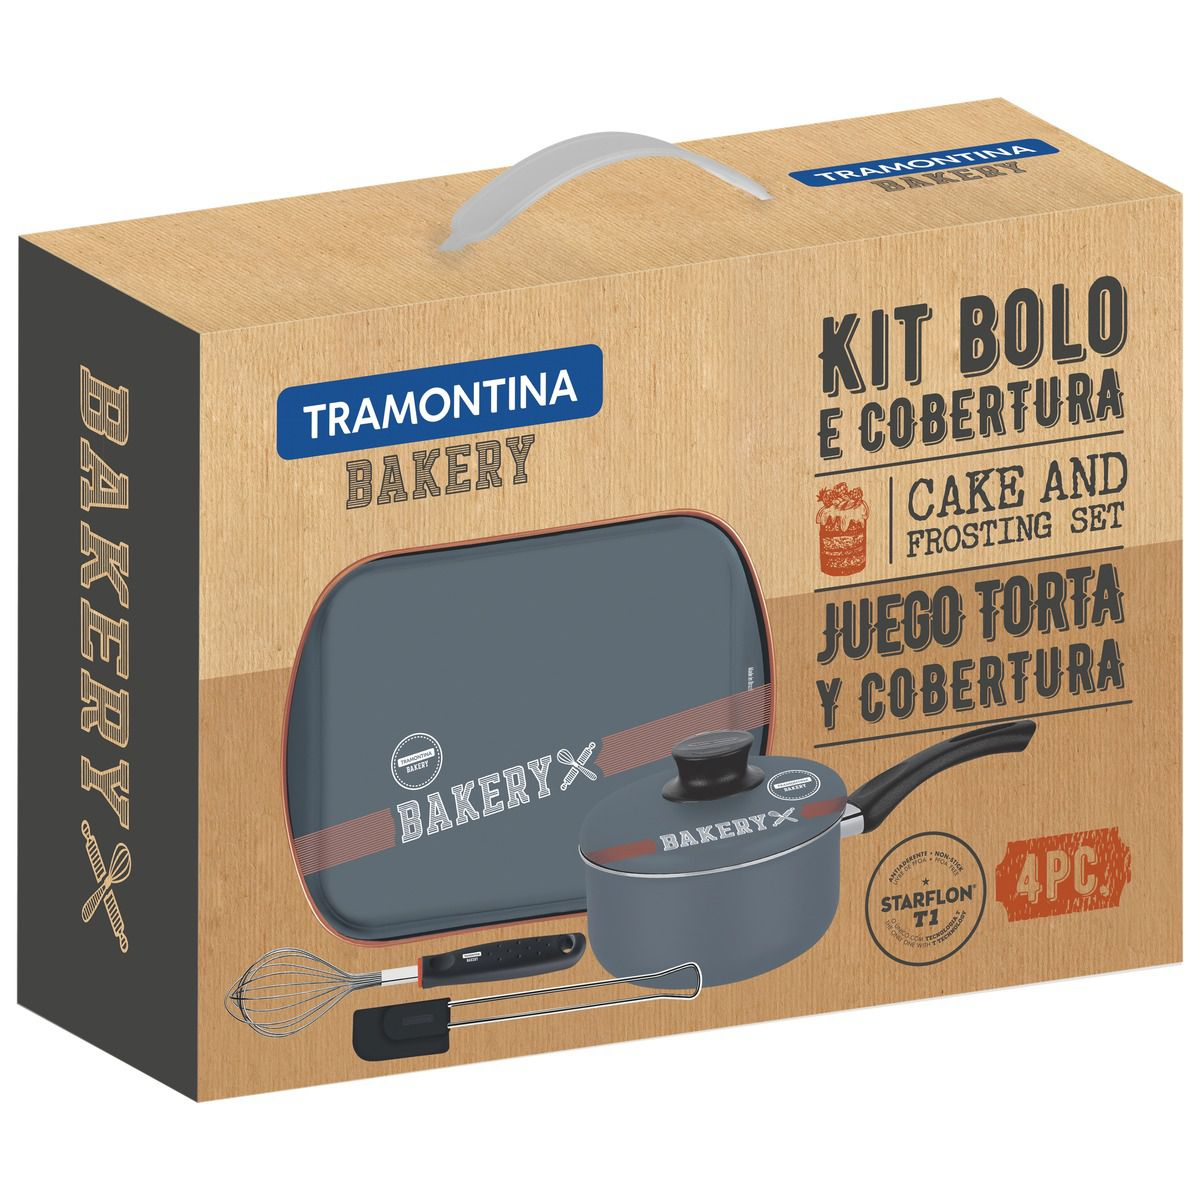 Kit para Bolo e Cobertura Tramontina em Alumínio com Revestimento Interno Cobre Antiaderente Starflon T1 4 Peças 27899/062 | Lojas Estrela